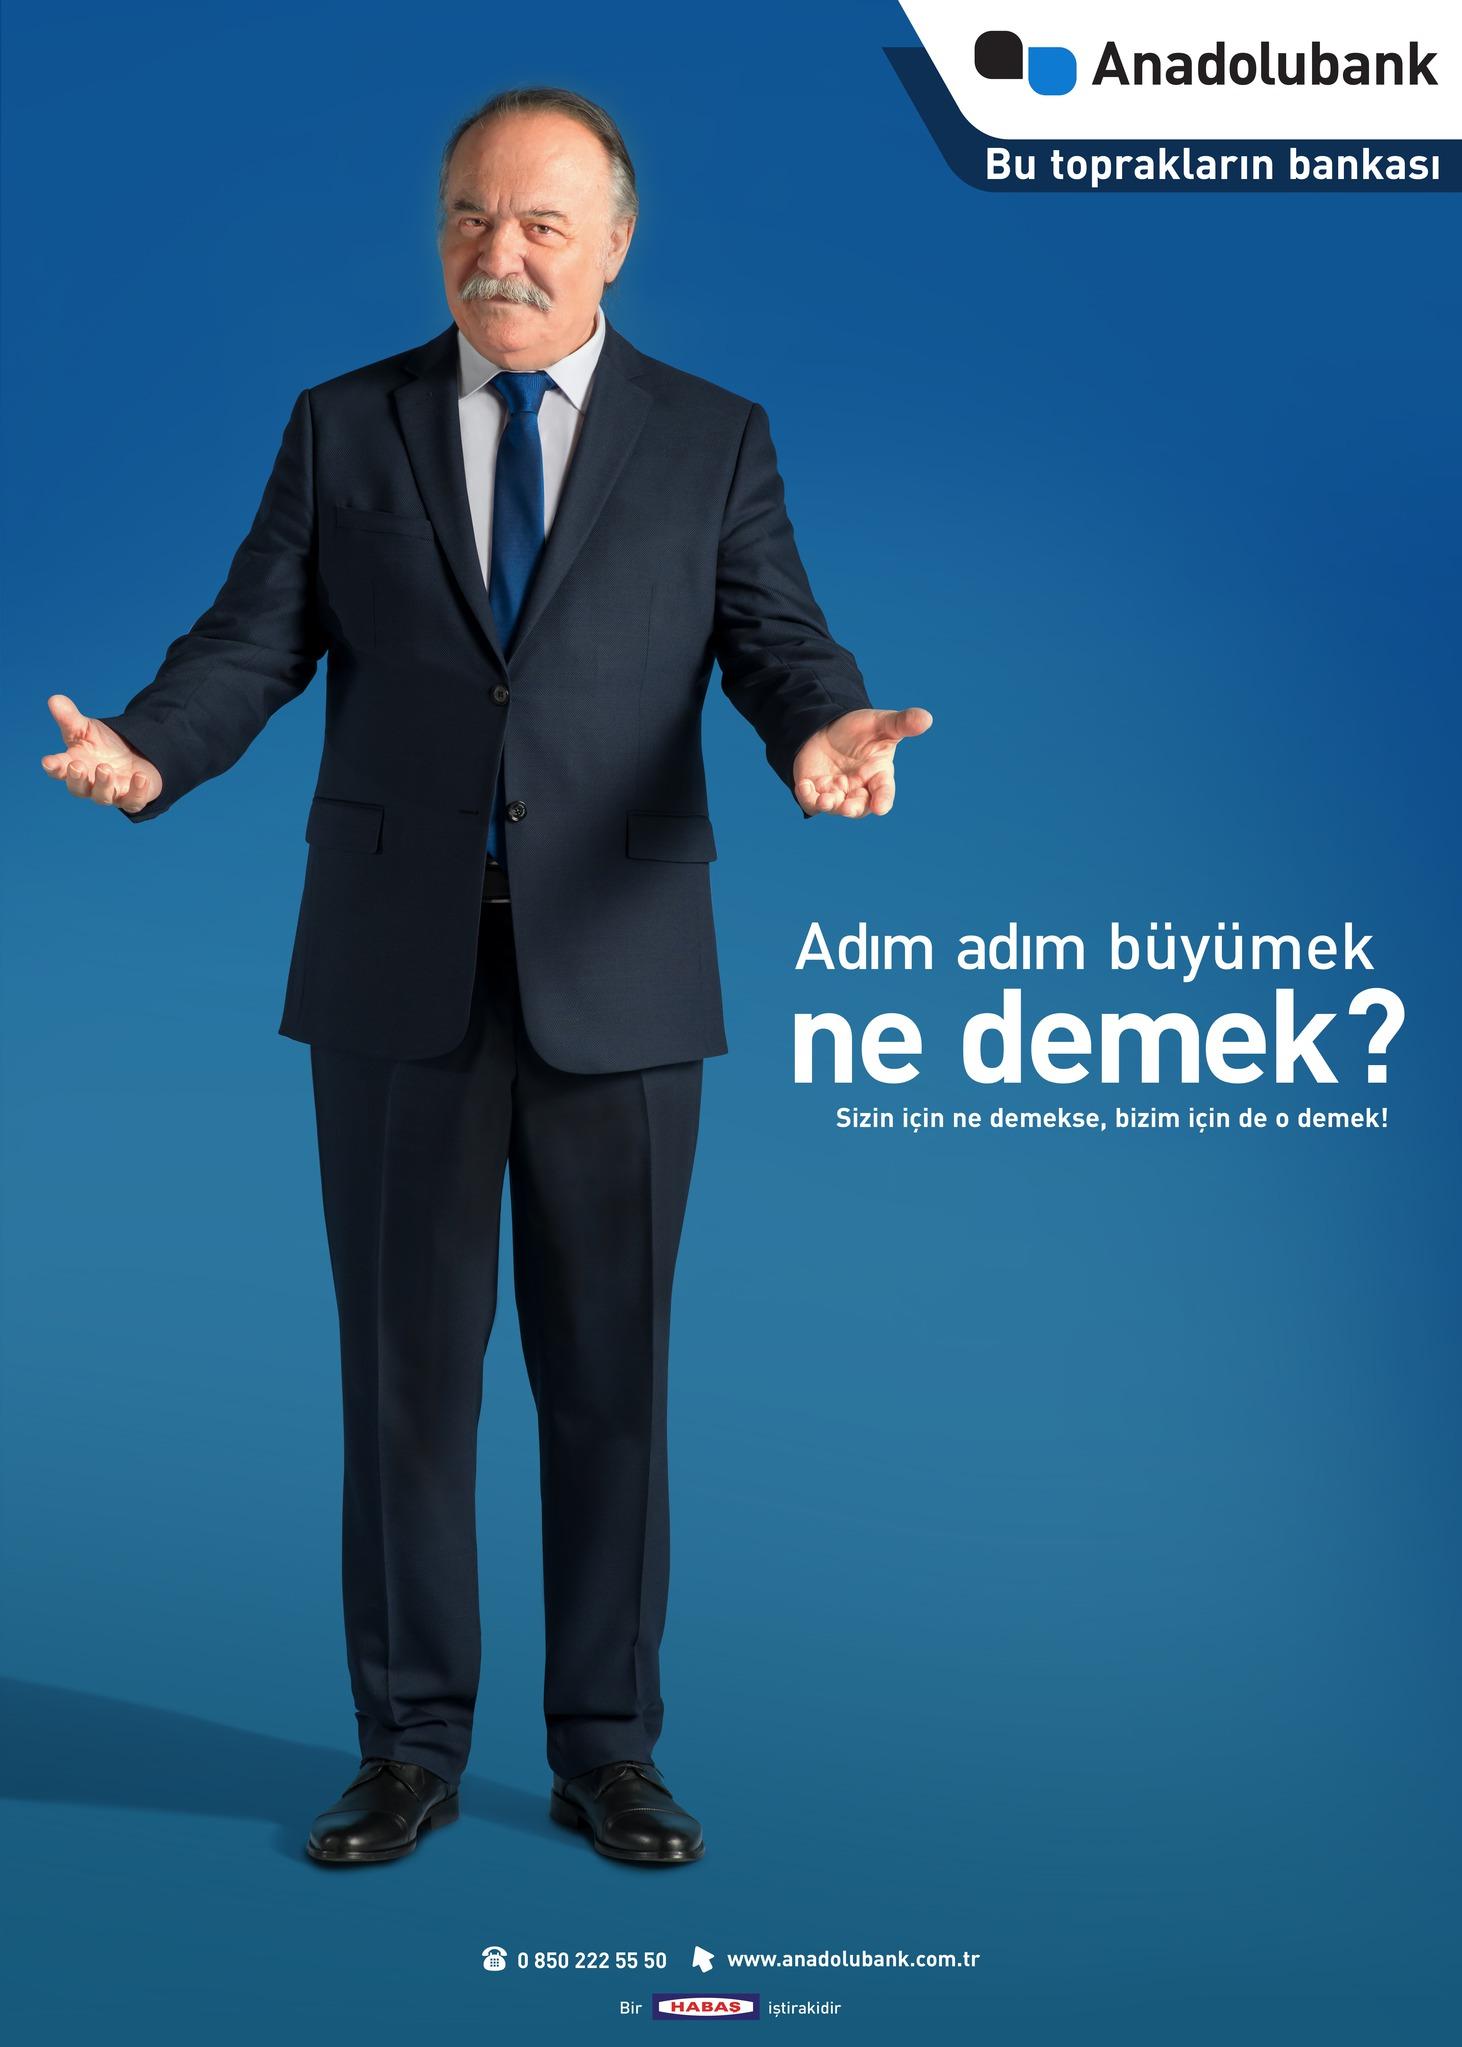 Anadolubank'ınreklam kampanyası yayında